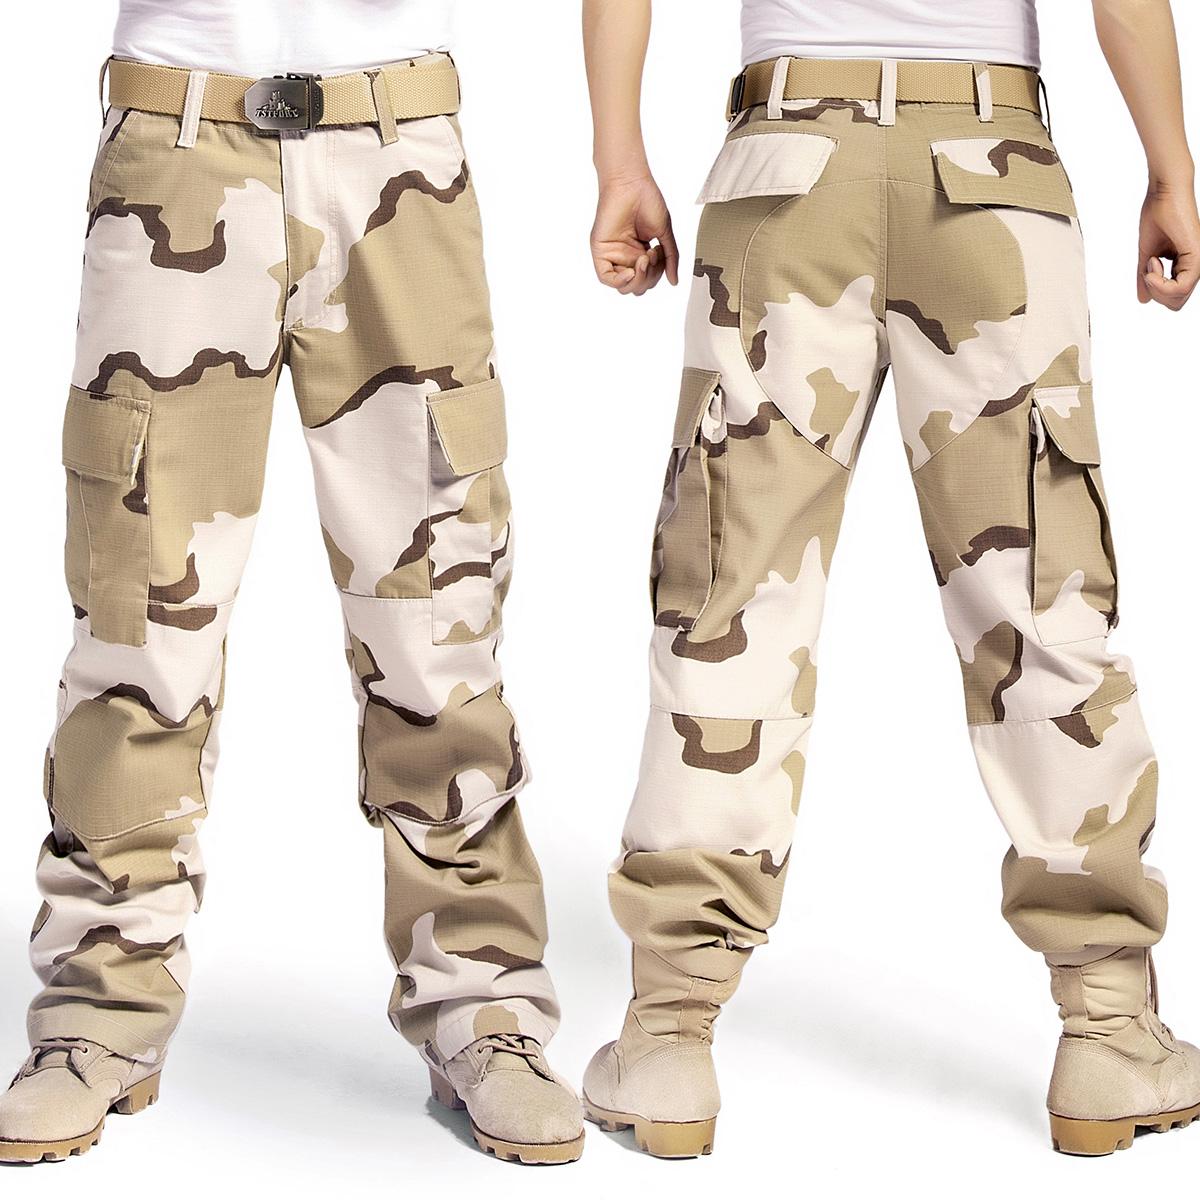 男款迷彩休閒褲大碼戶外春秋戰術寬鬆多口袋工裝褲潮牌束腳軍迷褲